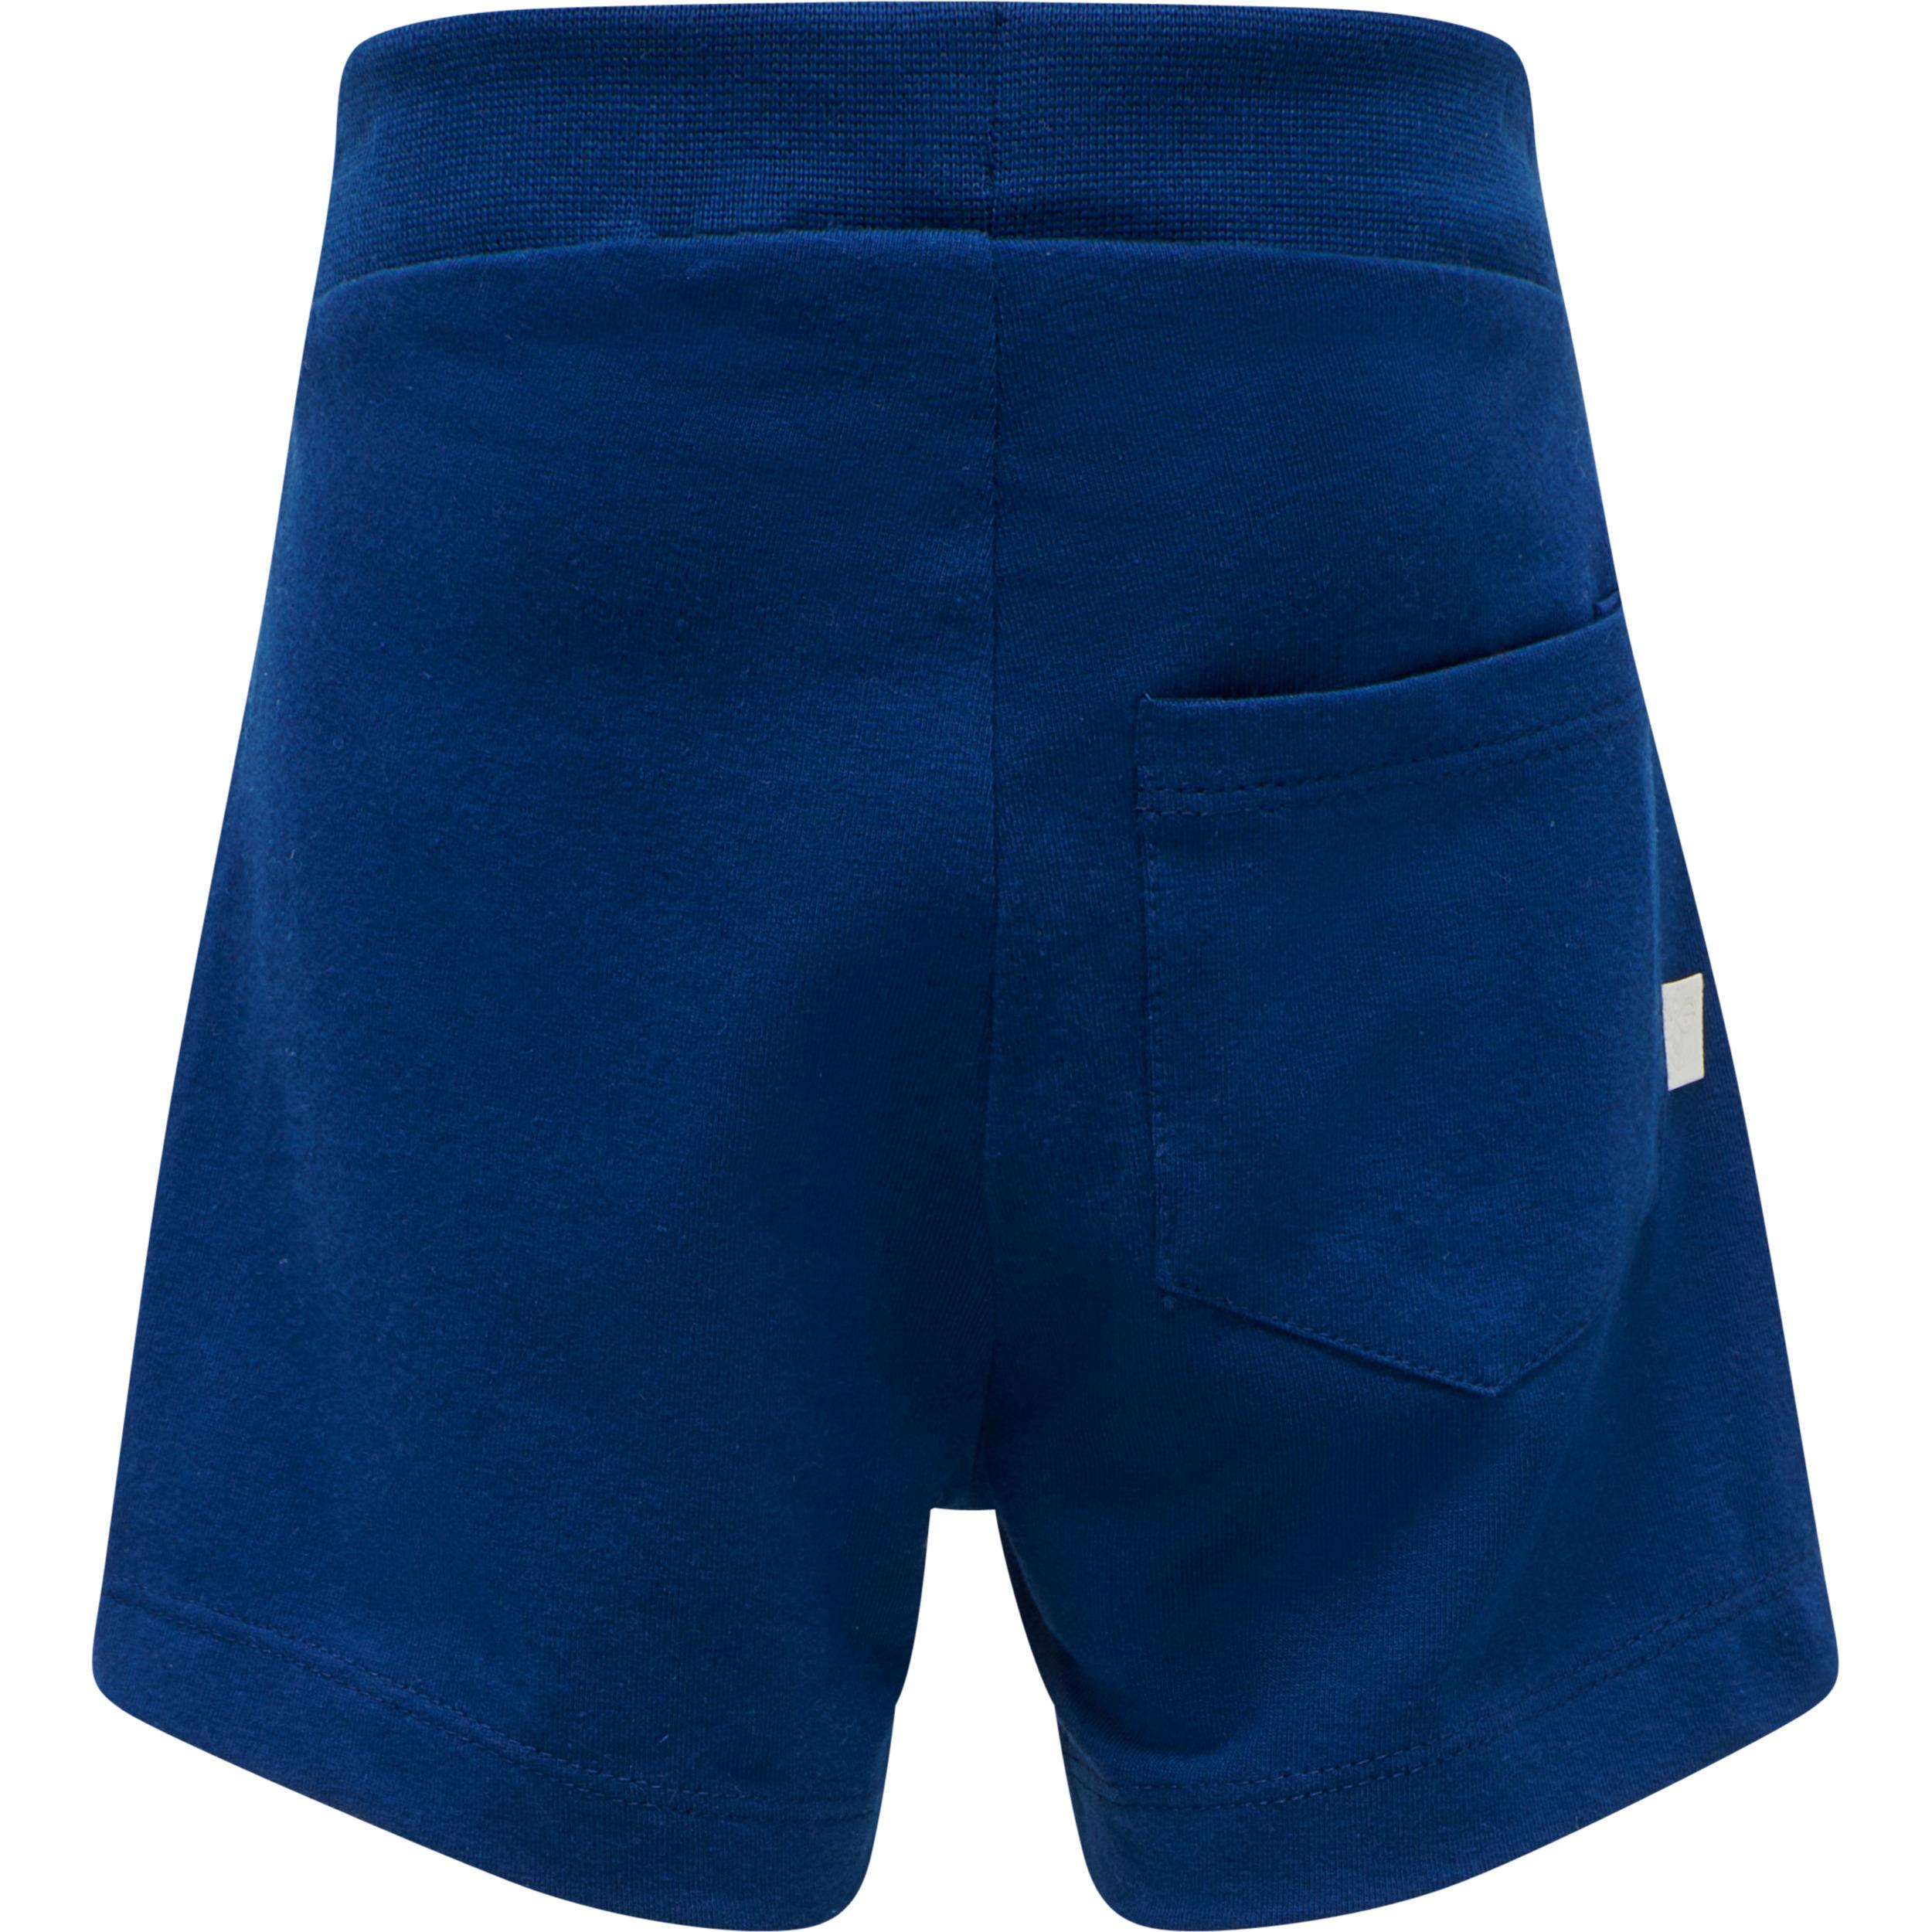 Hummel Alfred shorts, Estate blue, 62